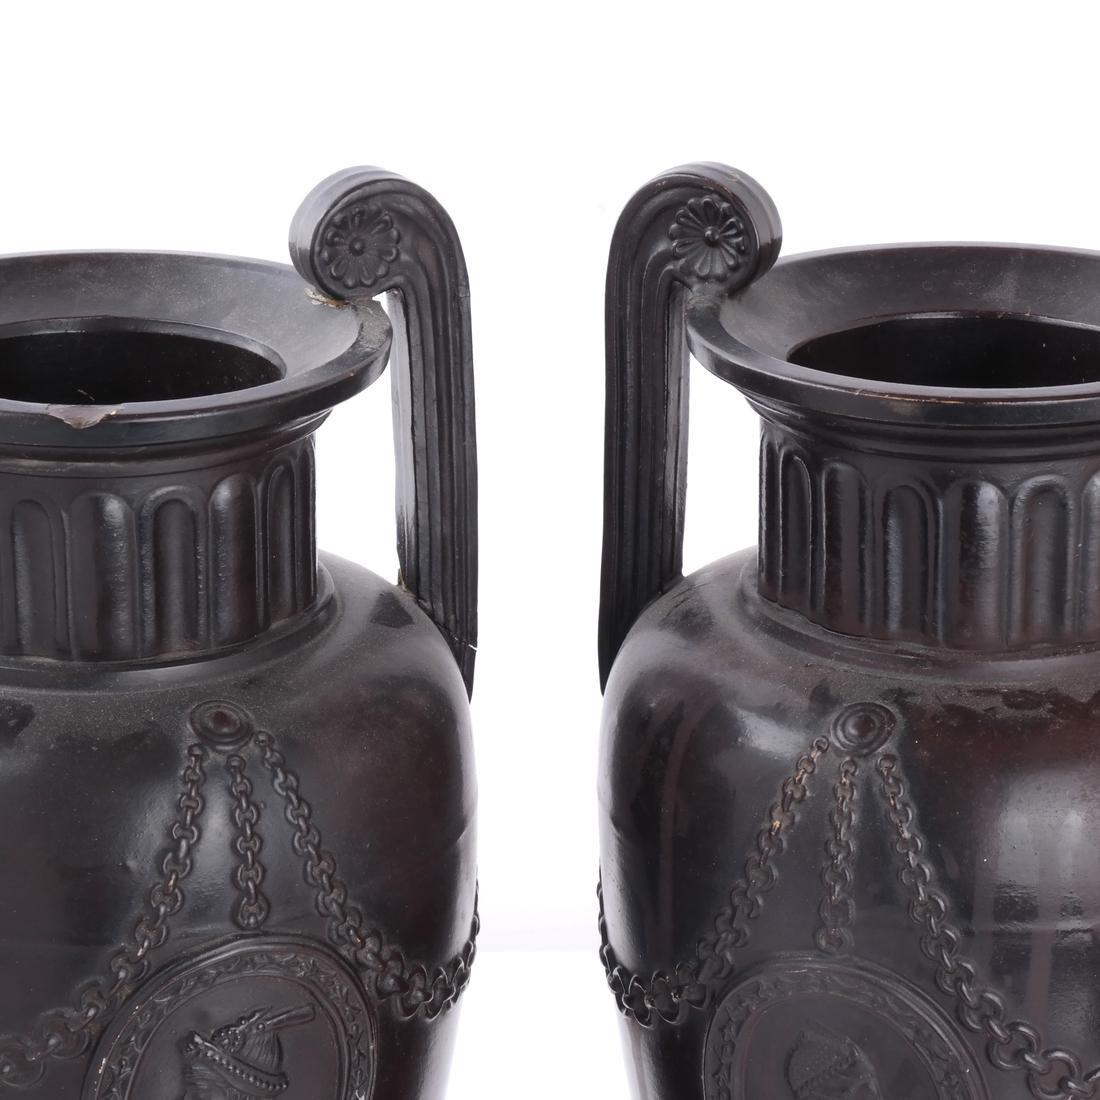 Pair of Classical Style Ceramic Urns - 2